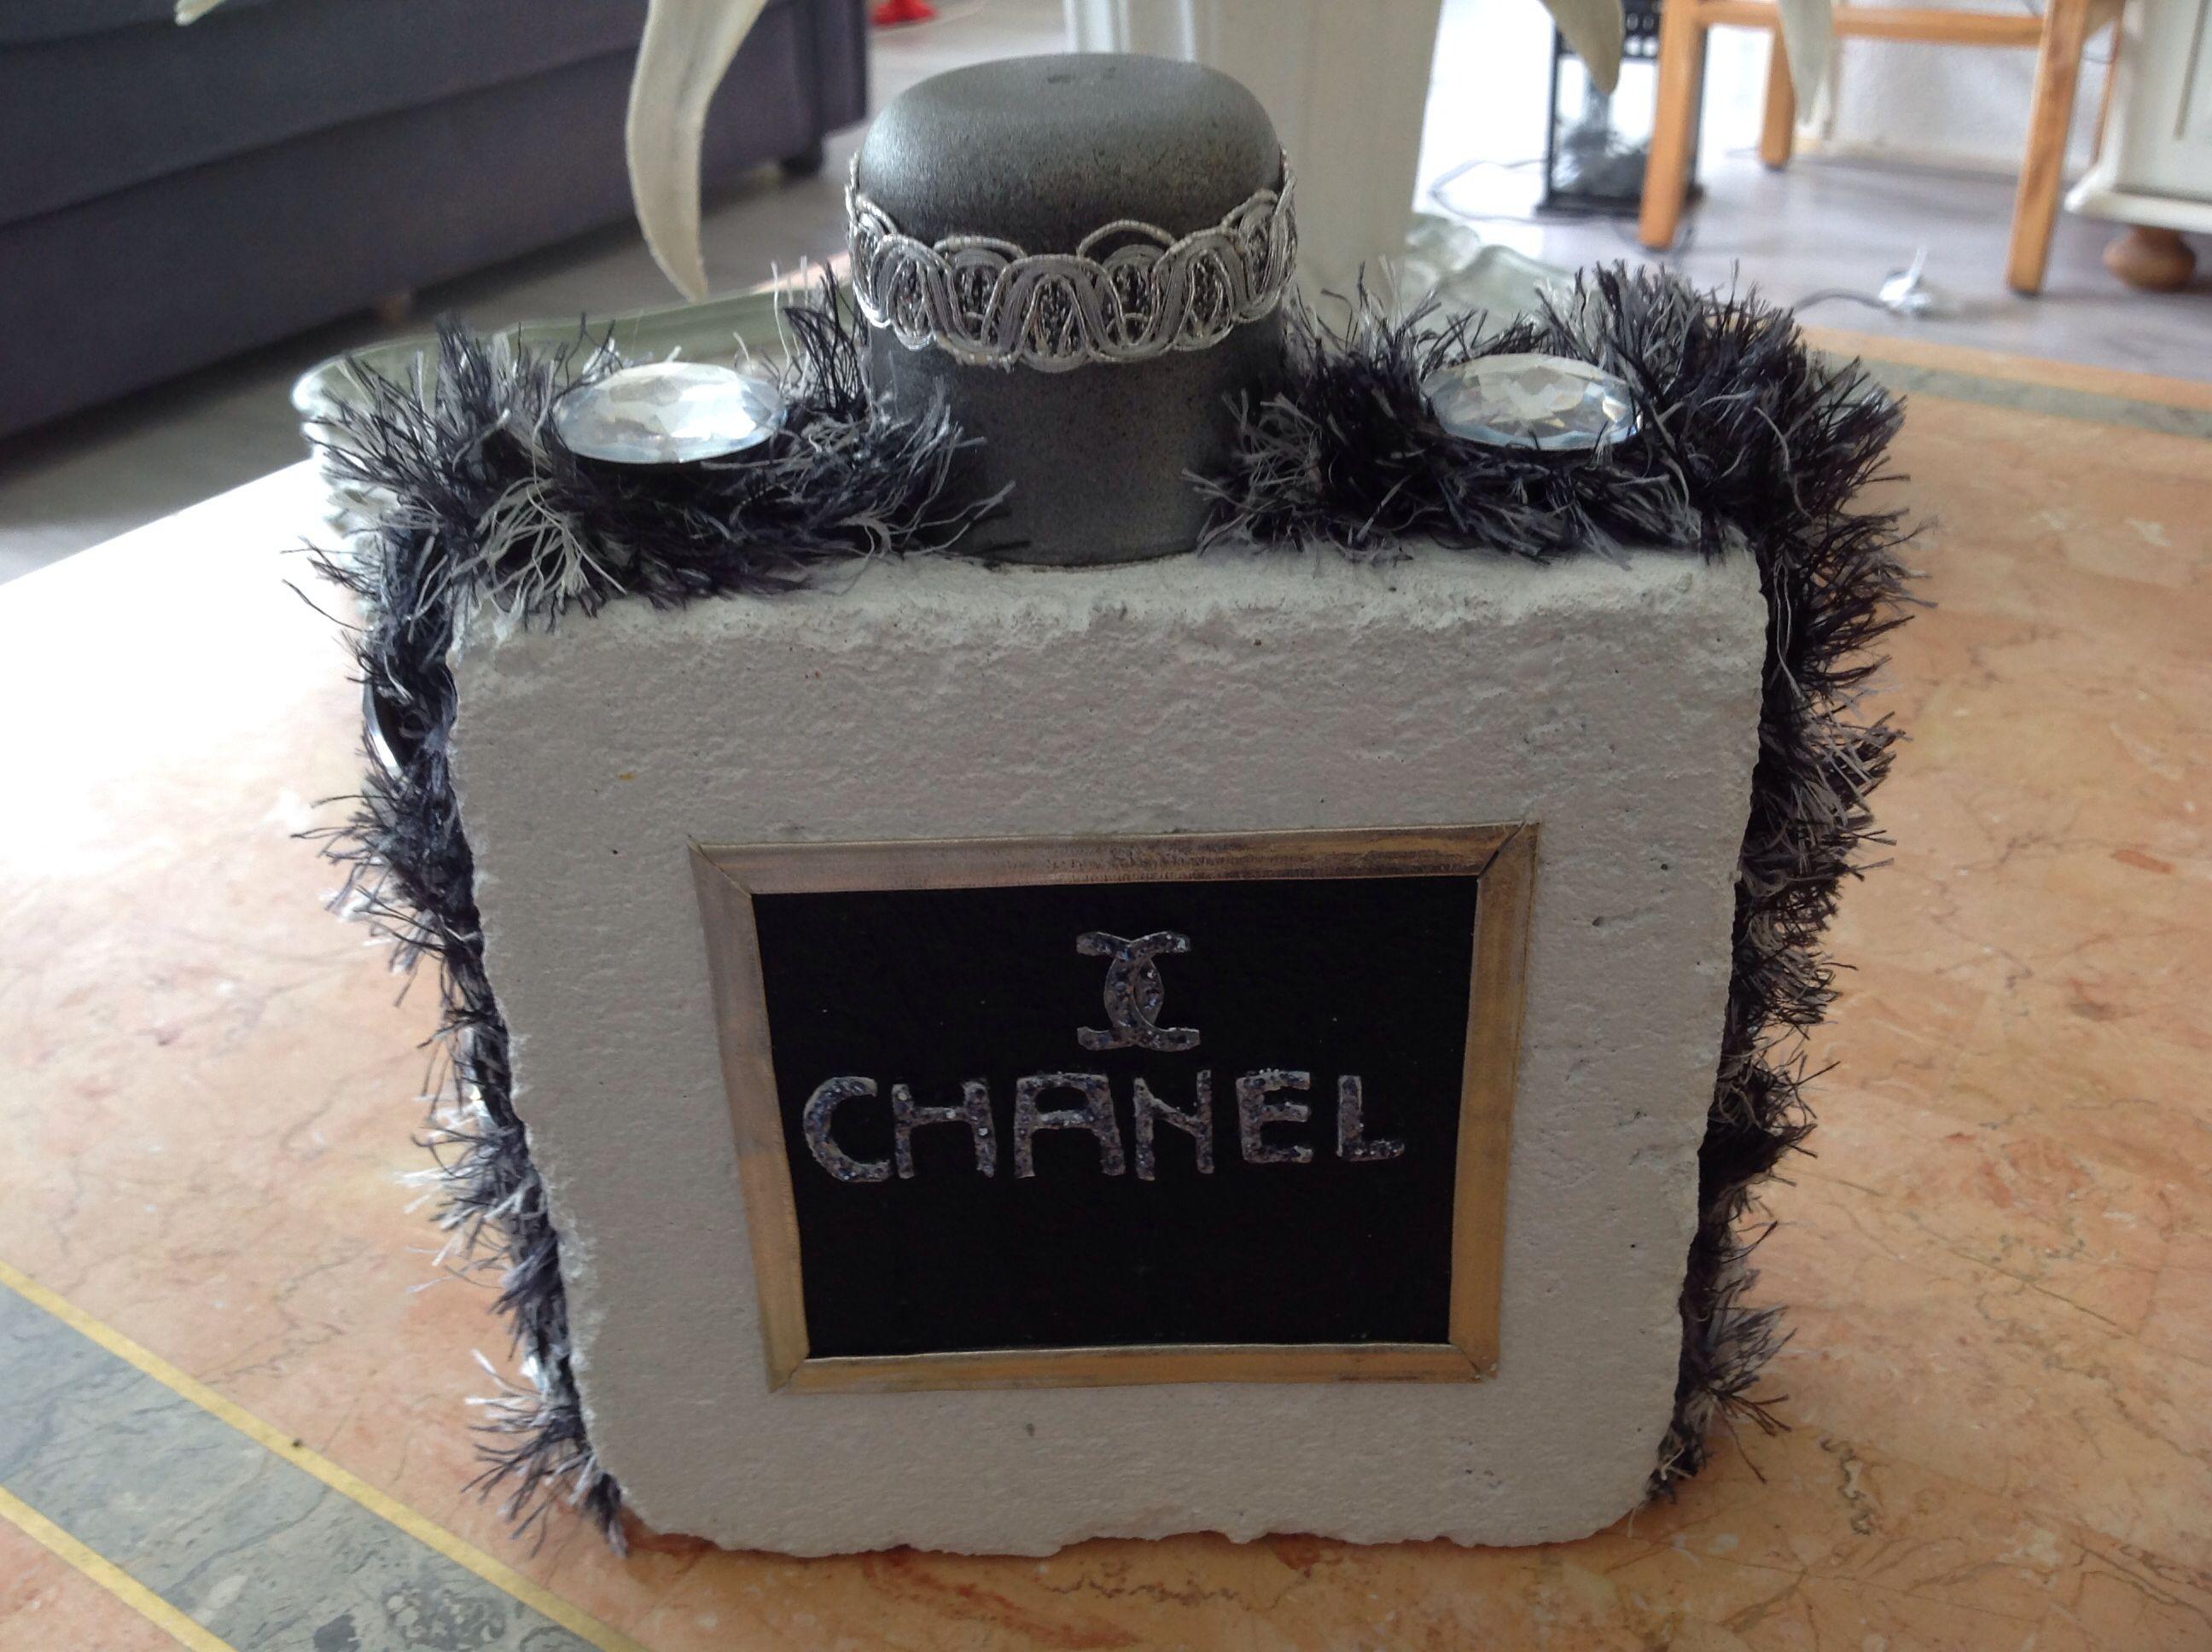 Ok, hier istie dan. Mijn nieuwste crea. Een Chanel 'flesje', gemaakt van een baksteen :-)  Welke vrouw is er niet dol op Chanel parfum? Lol!